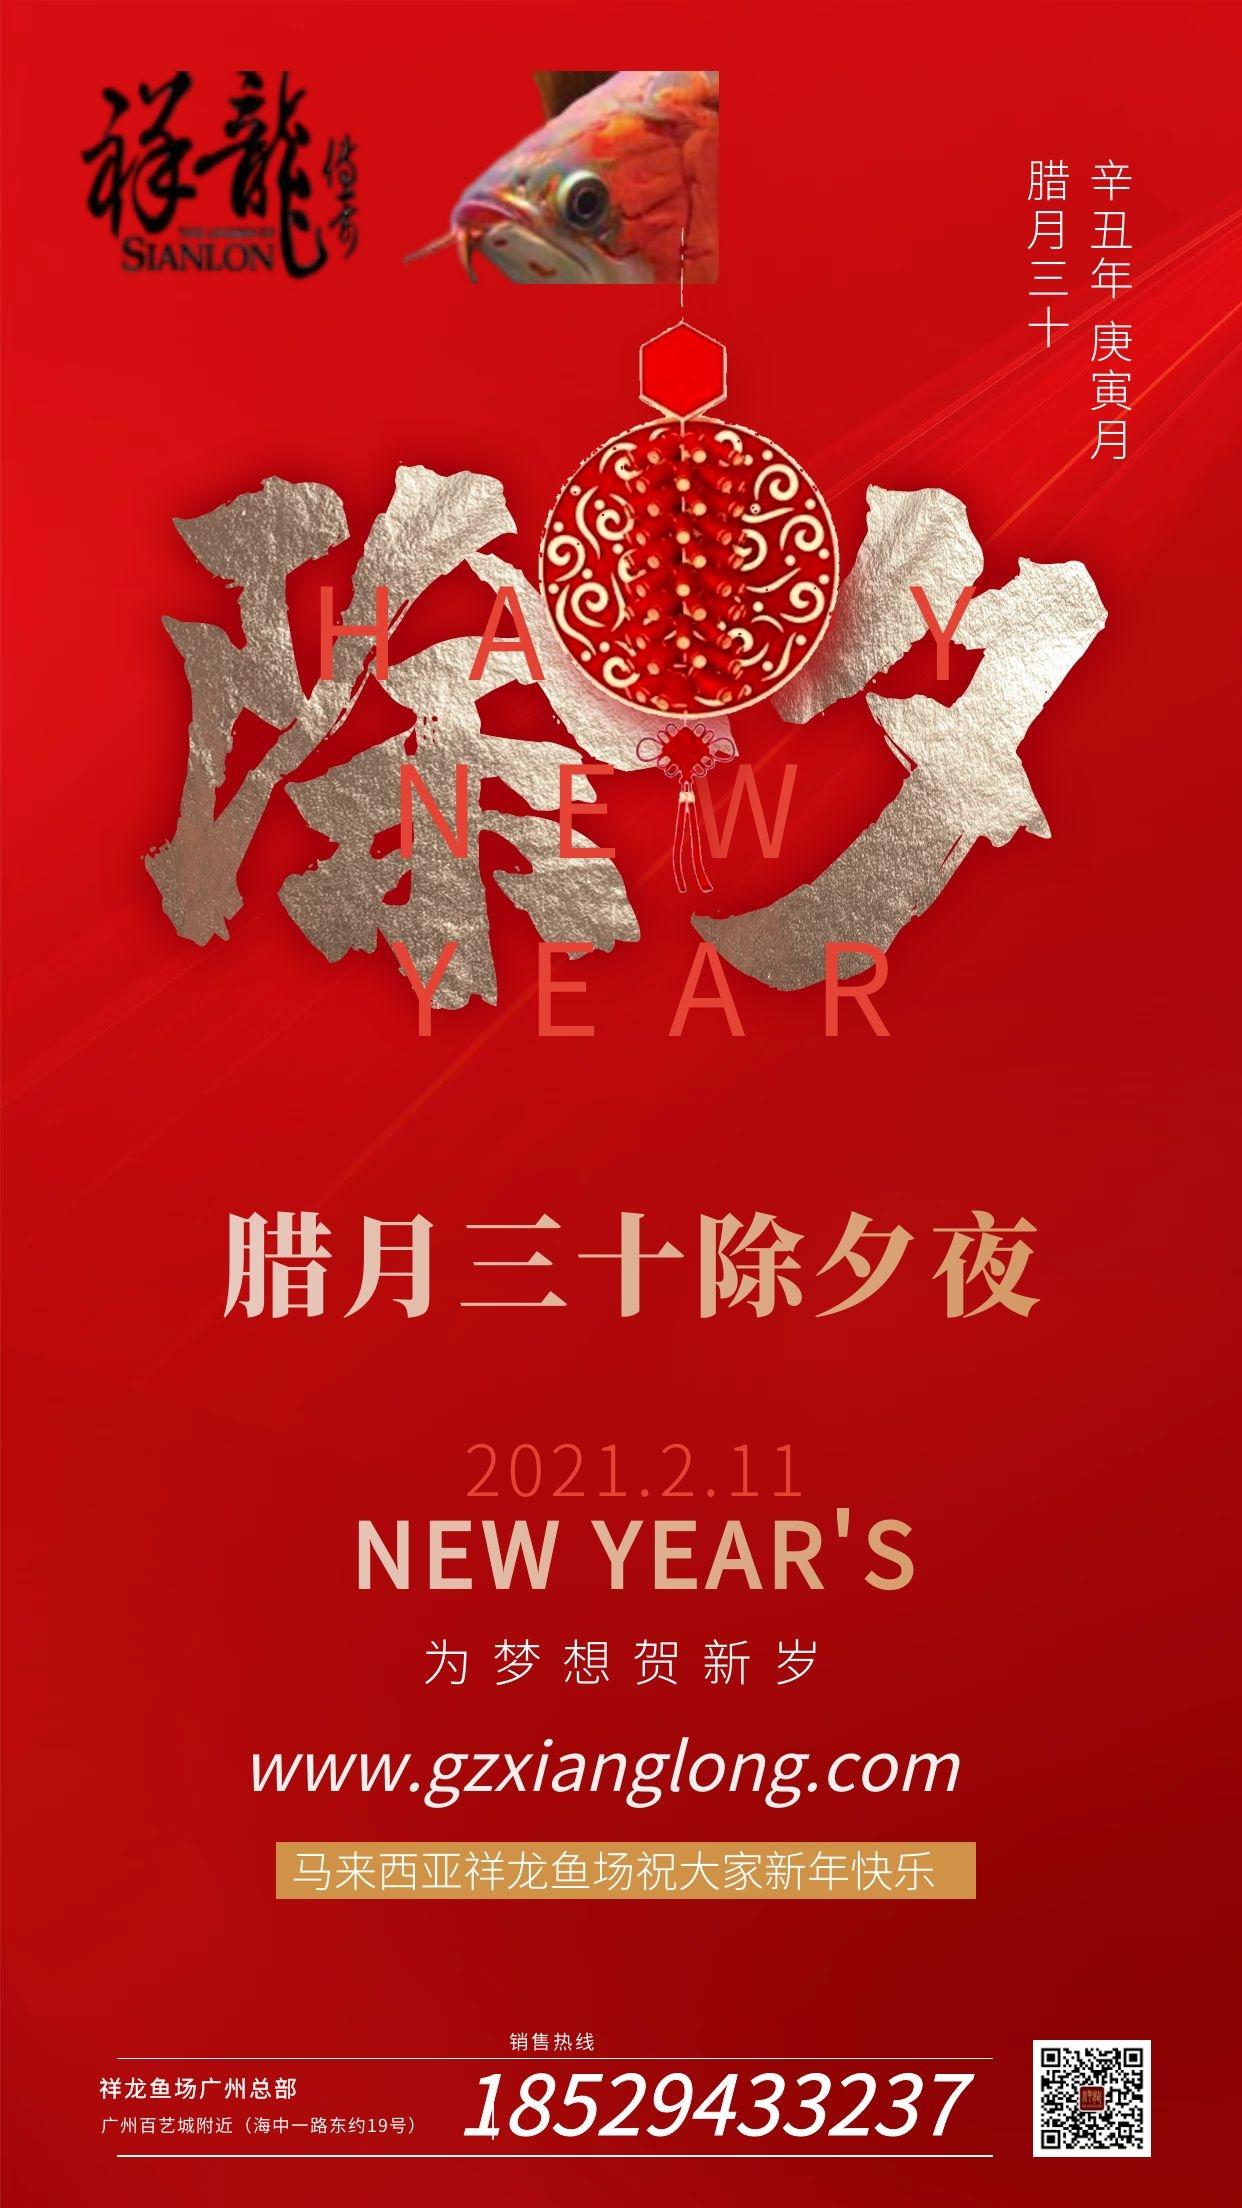 北京祥龙水族馆恭贺本市鱼友新春快乐祝福2021 北京水族馆信息 北京龙鱼第3张